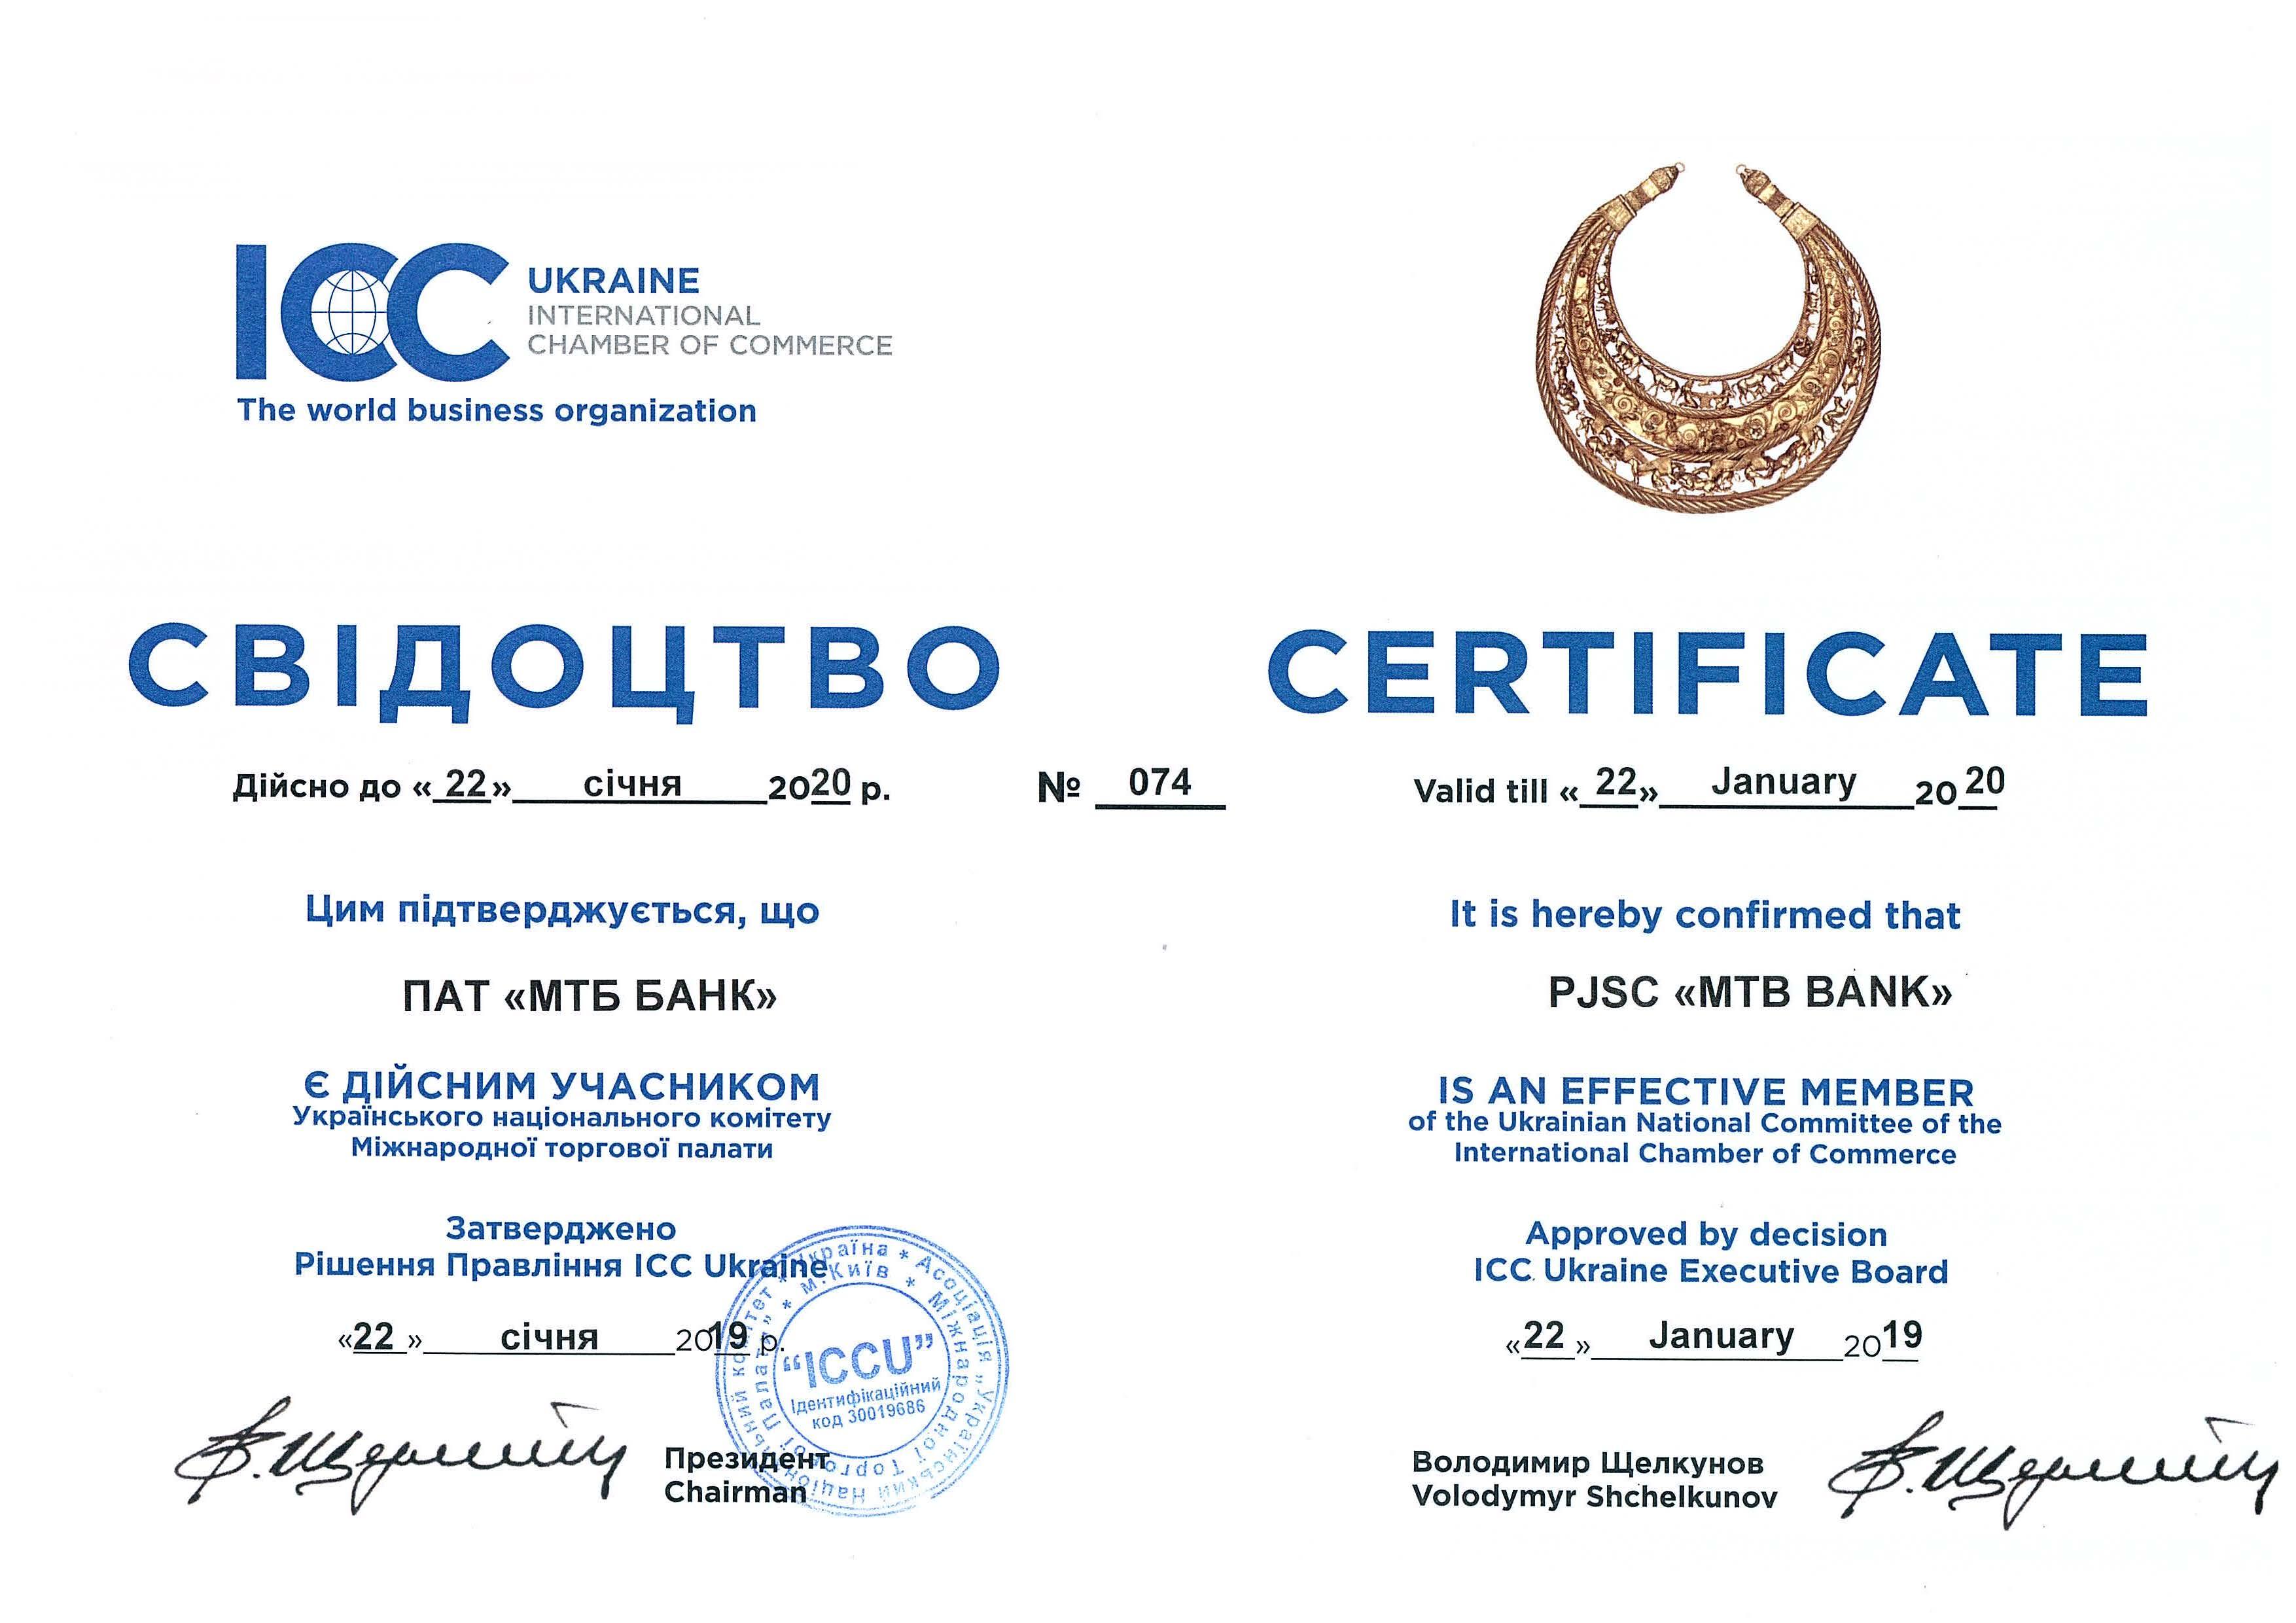 МТБ БАНК стал обладателем сертификата  ICC Ukraine  - фото 2 - mtb.ua